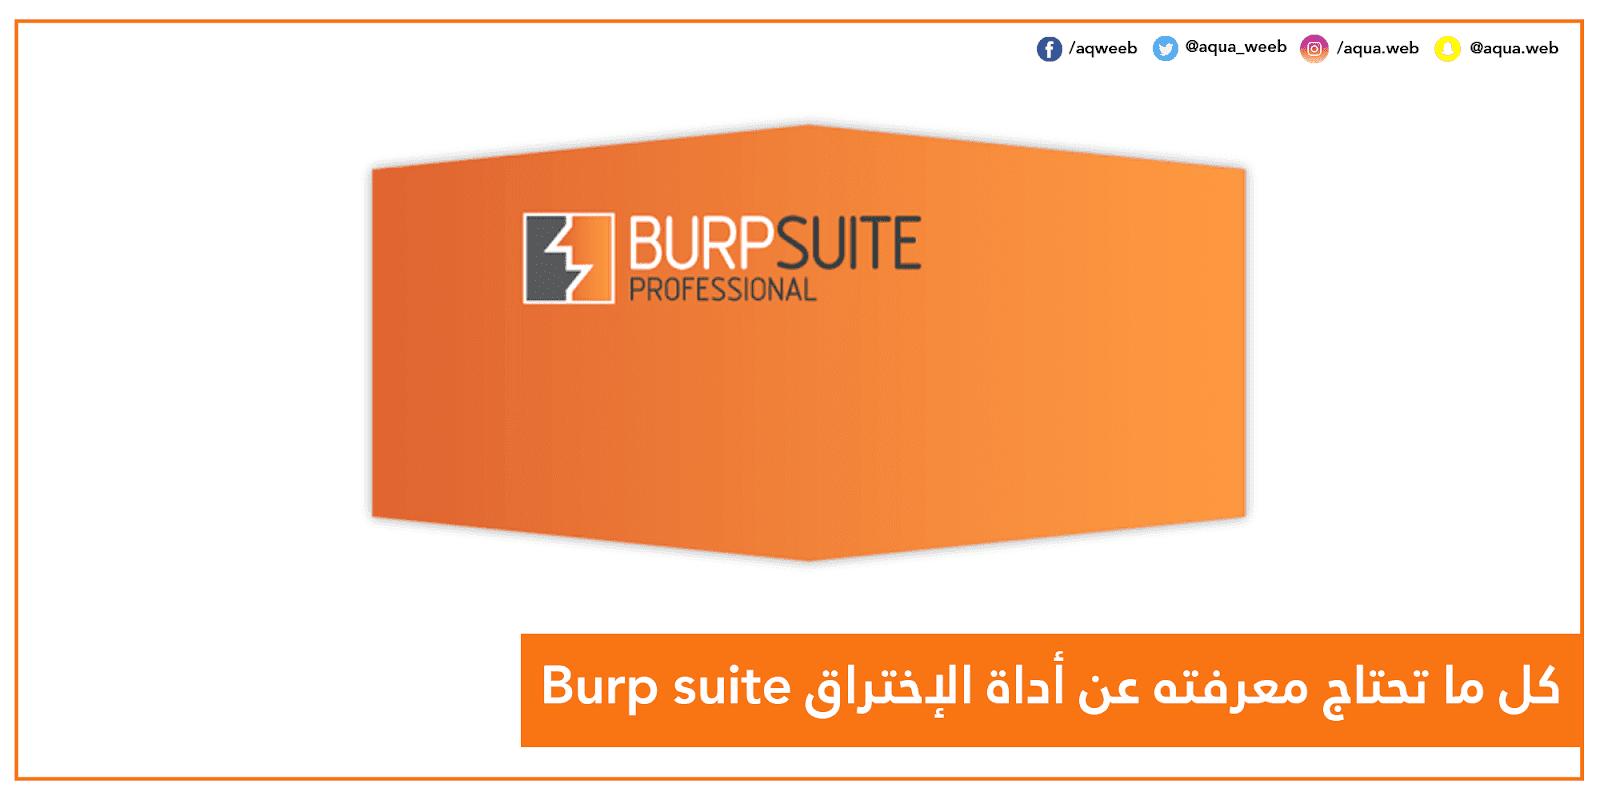 كل ما تحتاج معرفته عن أداة الإختراق Burp suite